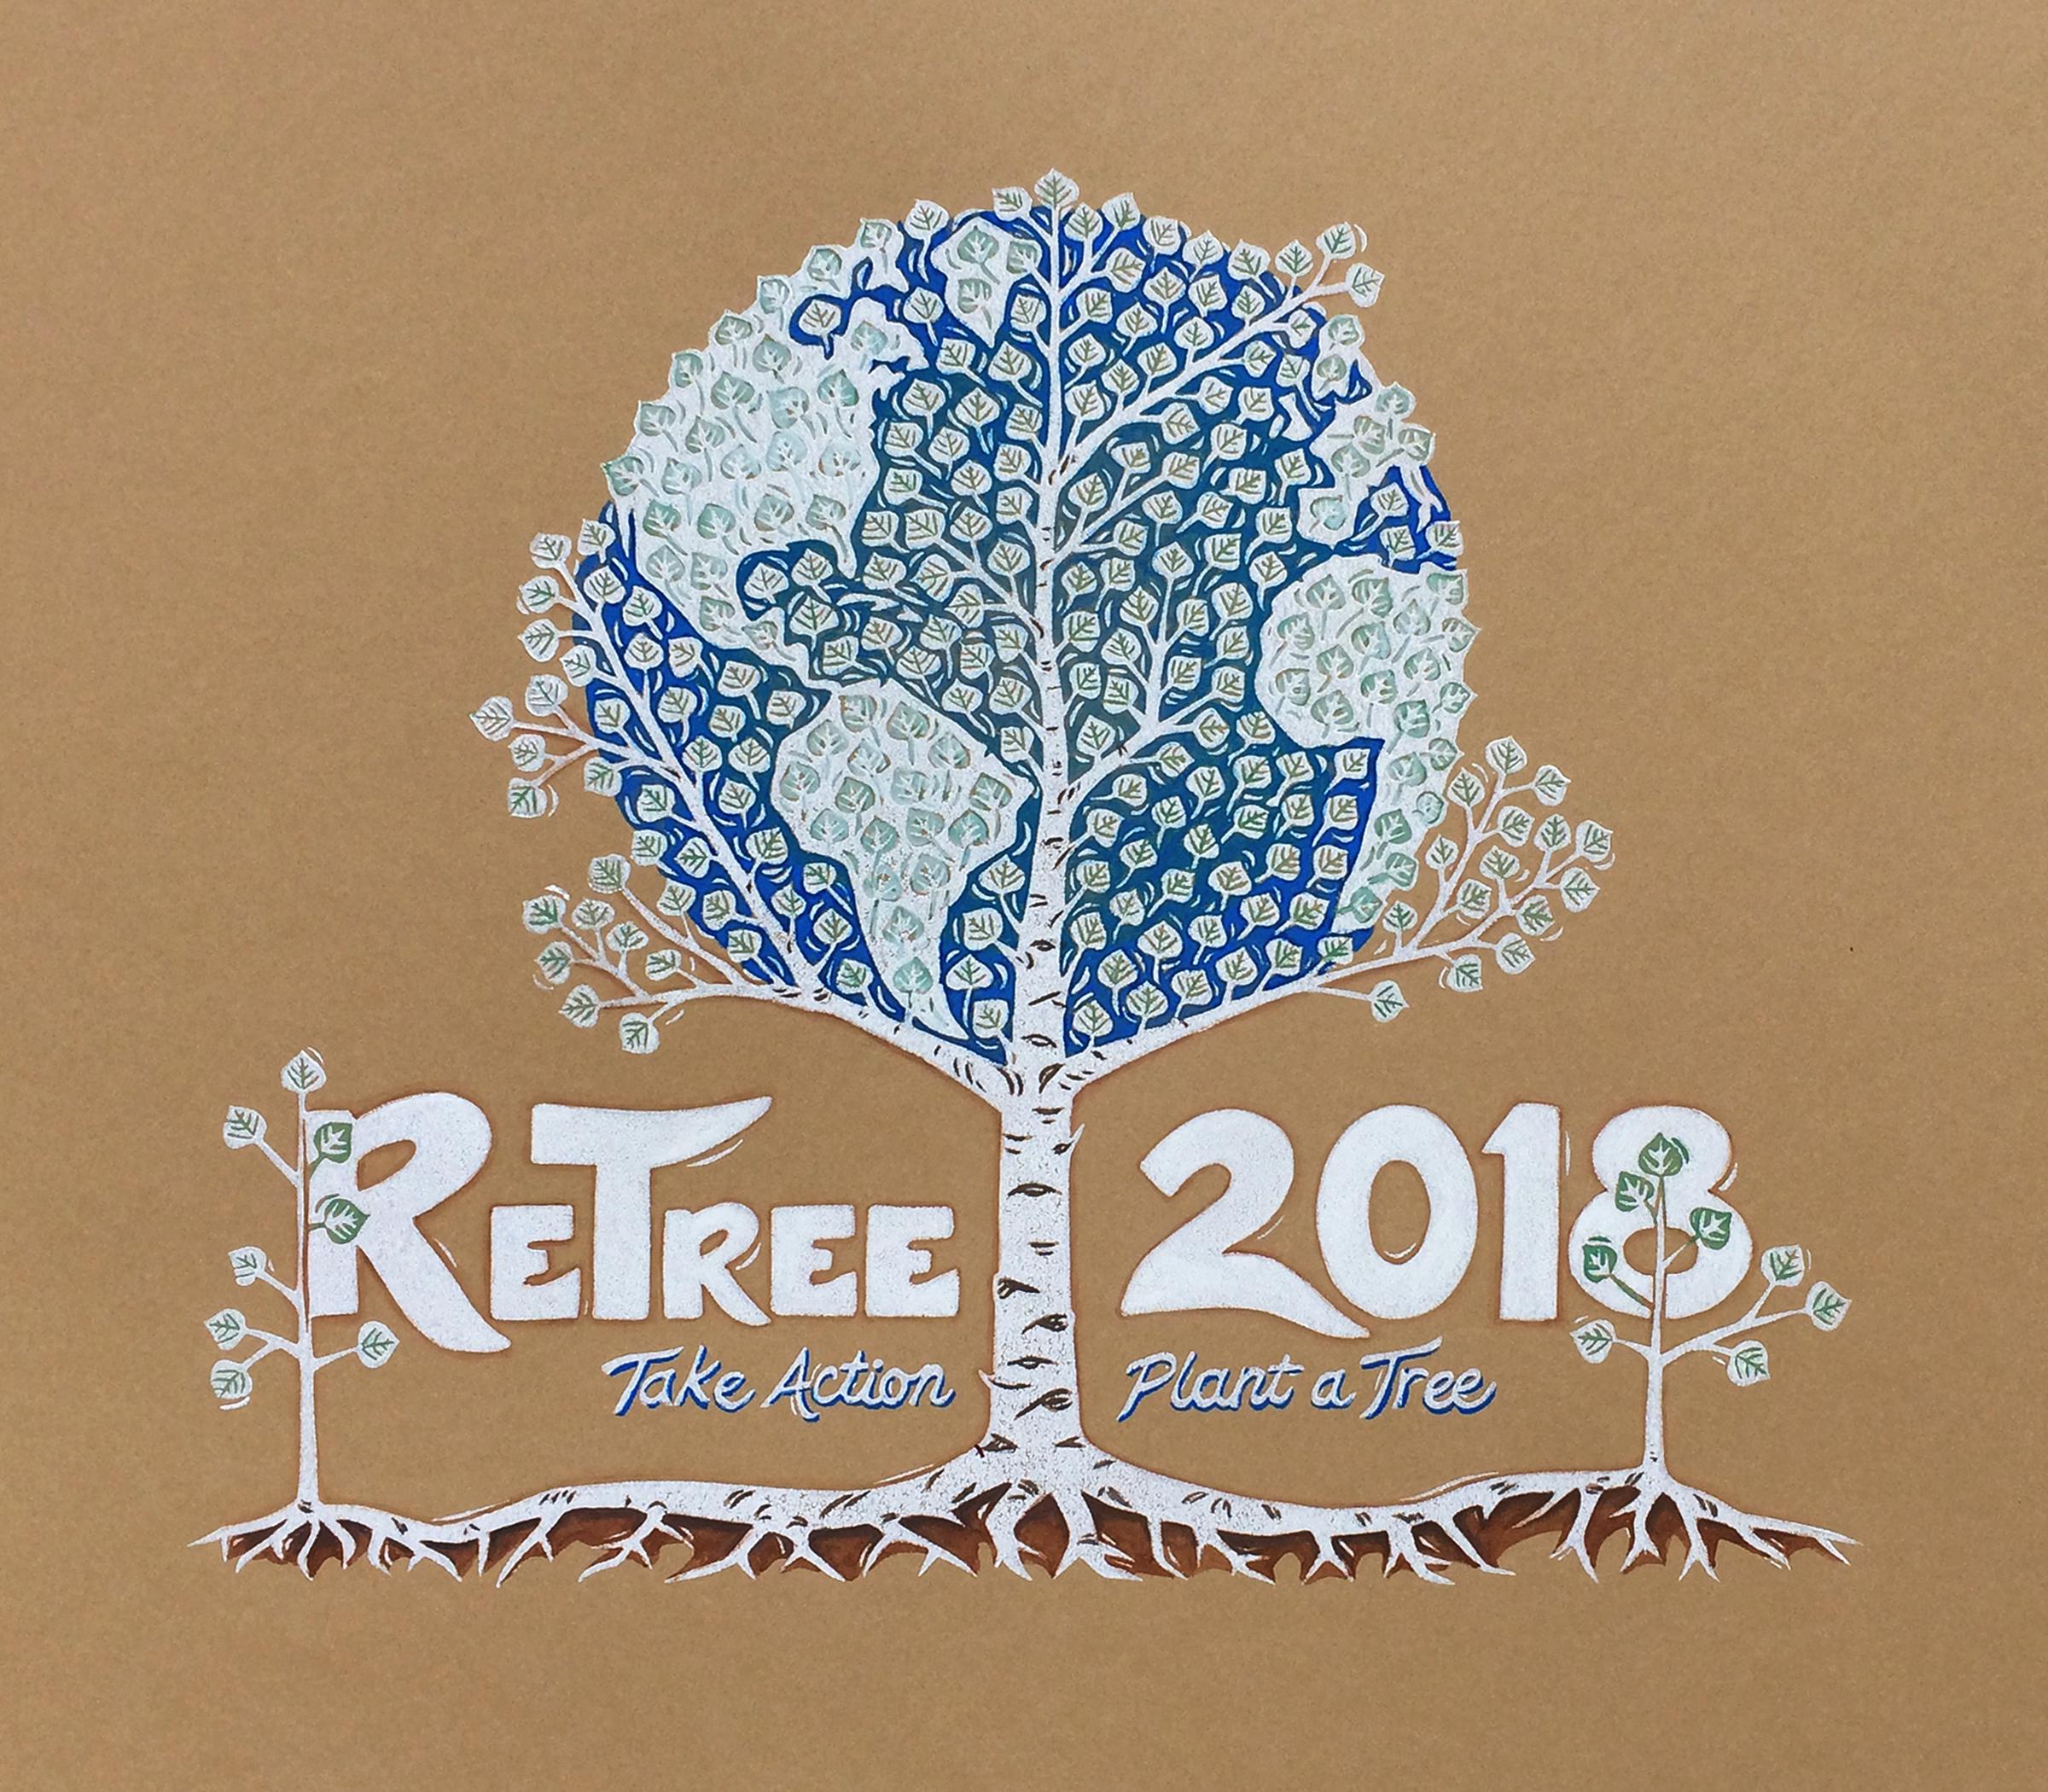 ReTree poster on brown.jpg